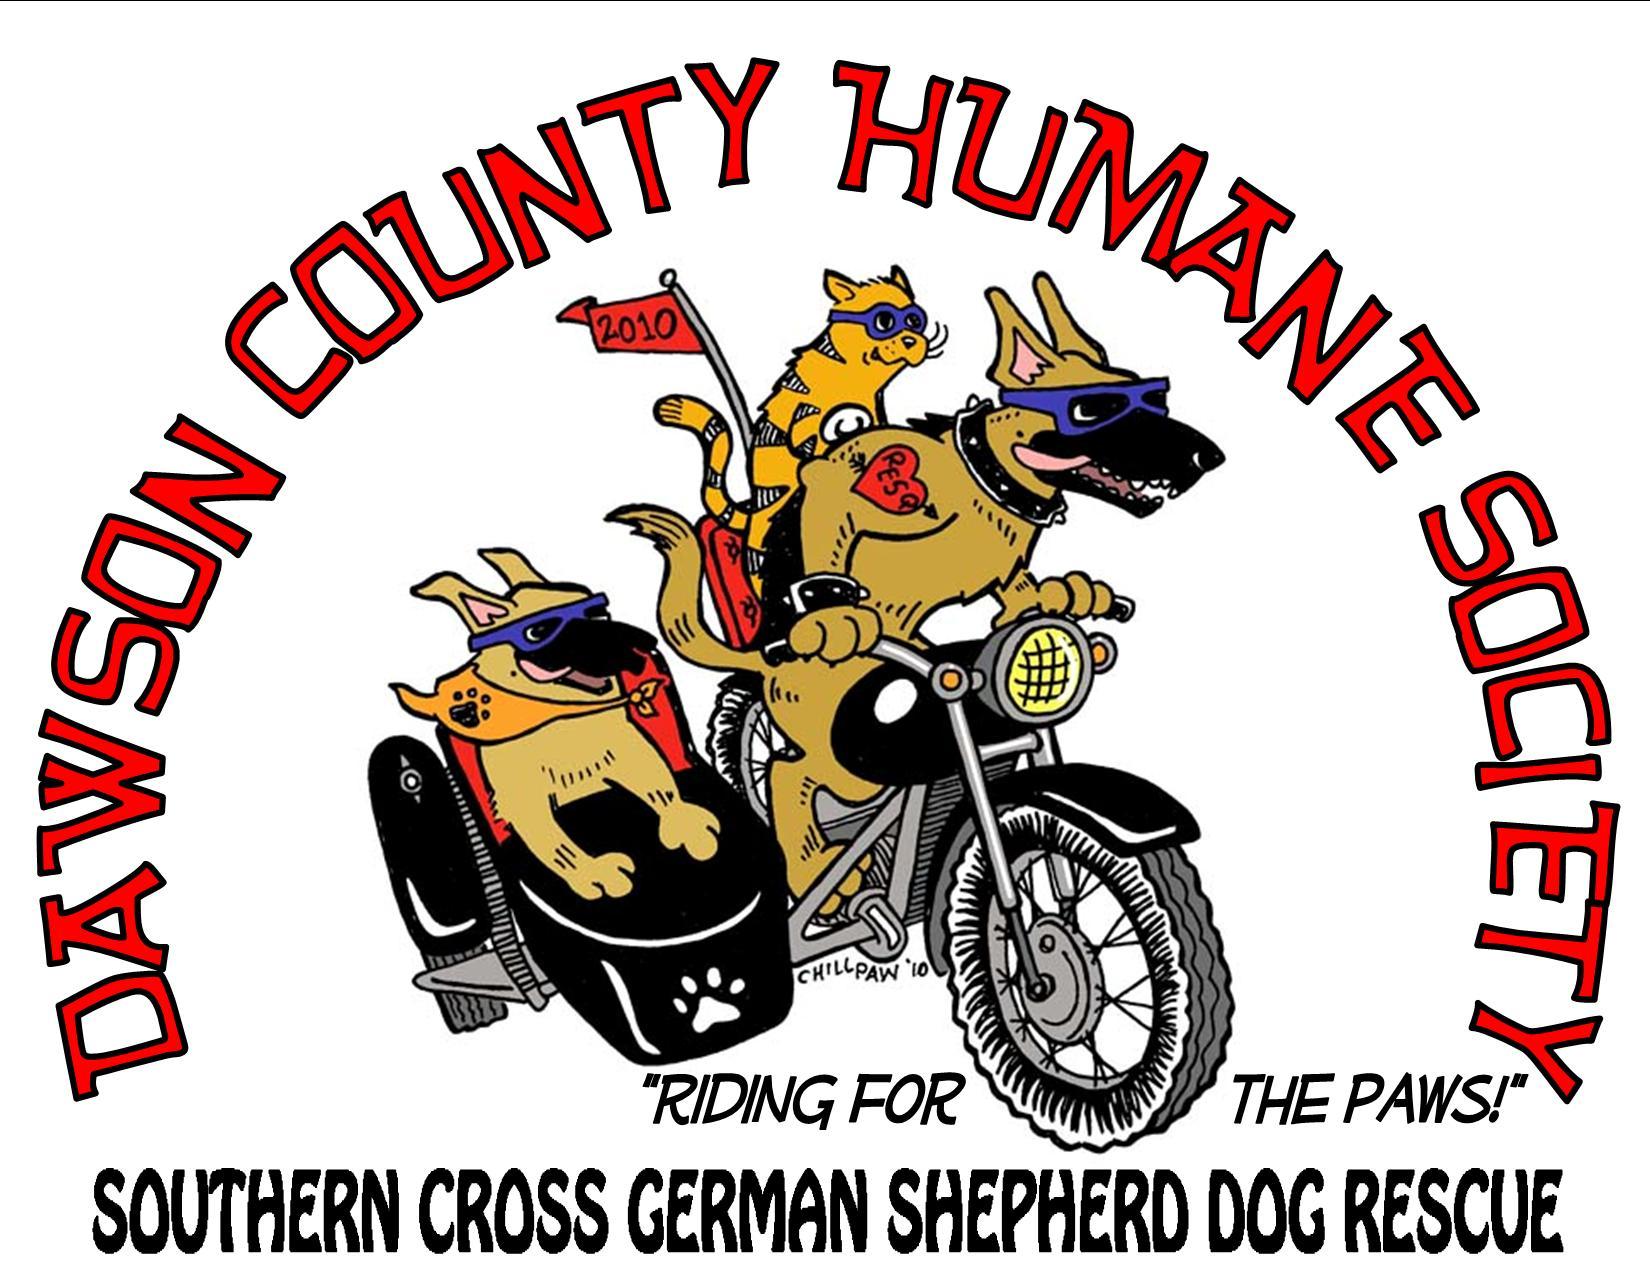 Dawson County Humane/SCGSDR